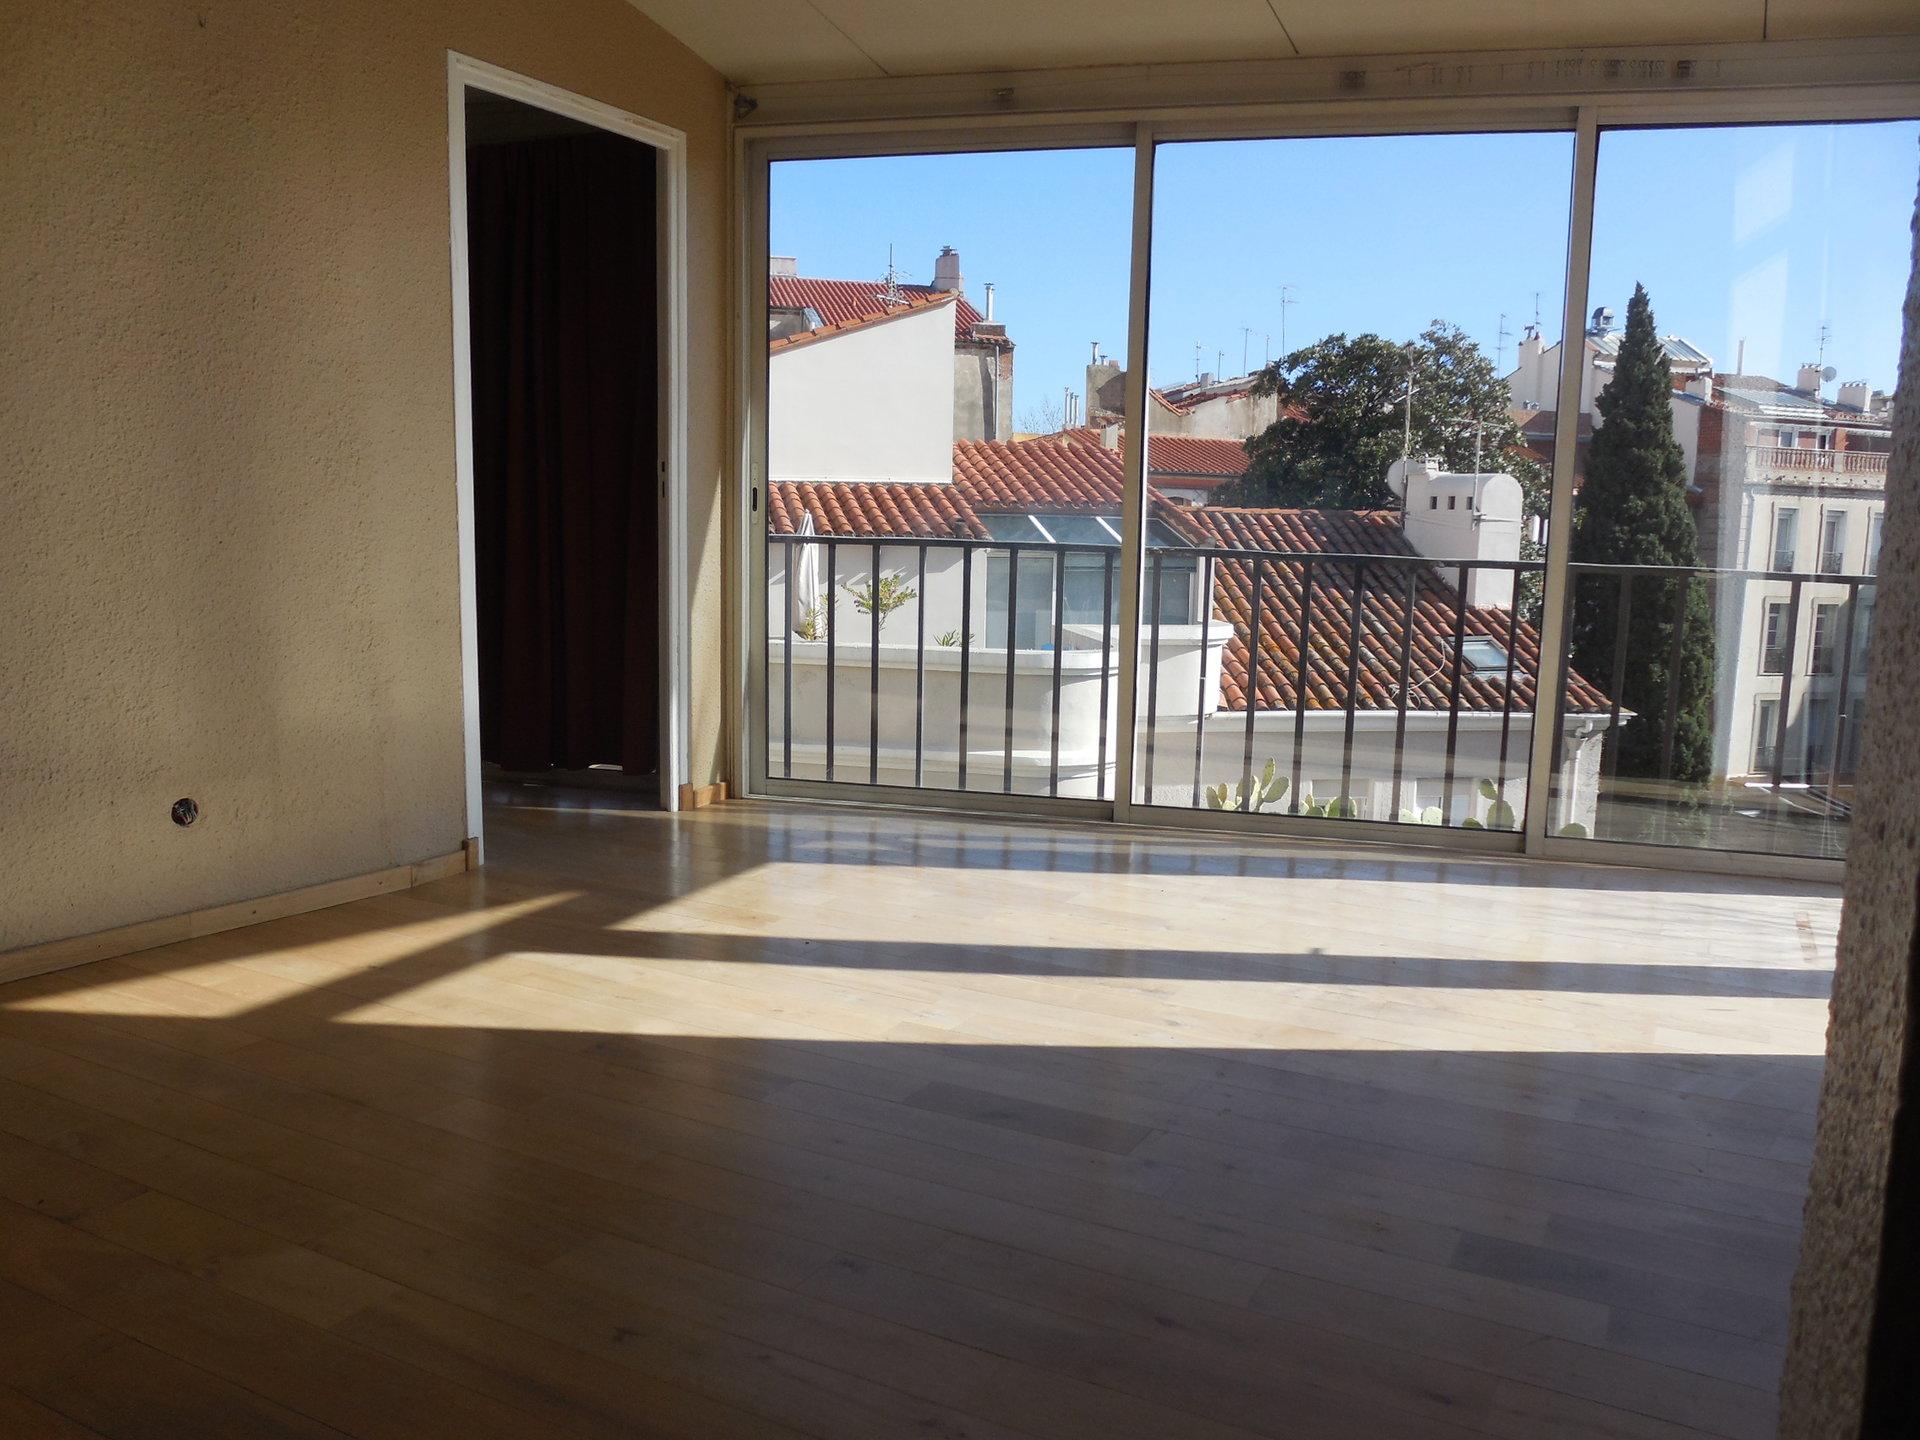 A vendre T3 Perpignan centre ville